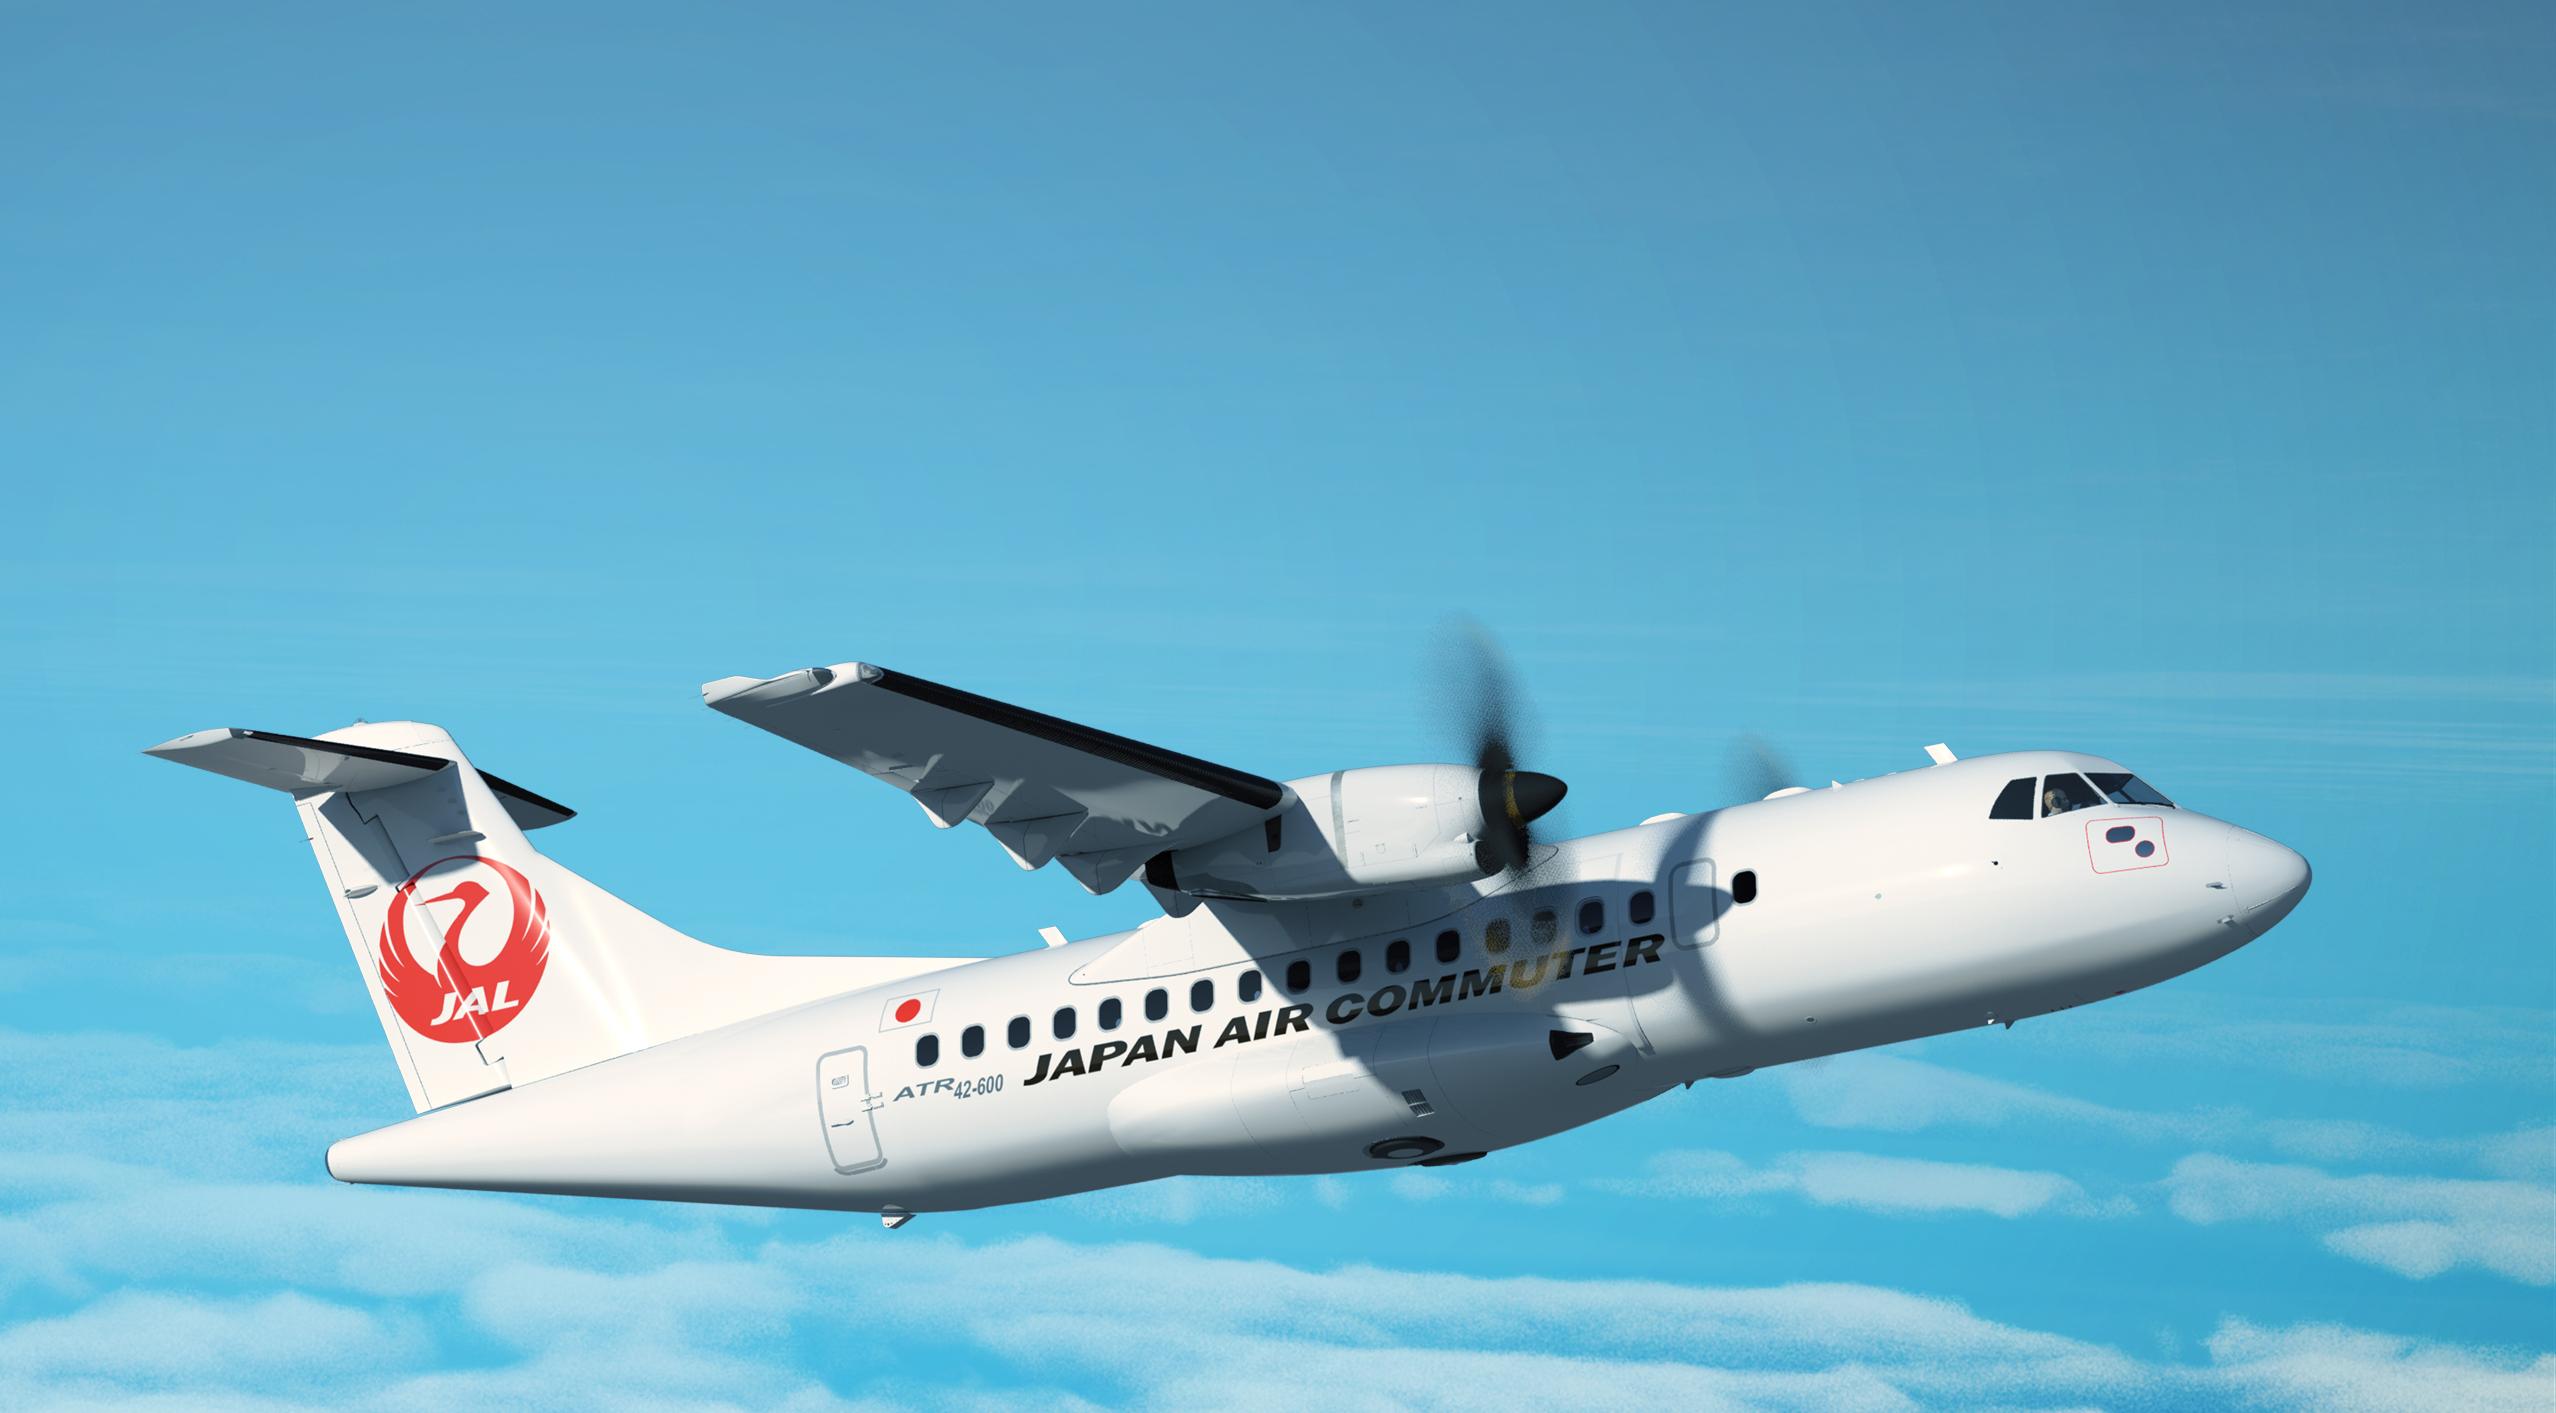 ATR annonce la signature d'un contrat de 8 ATR 42-600 avec la compagnie Japan Air Commuter.